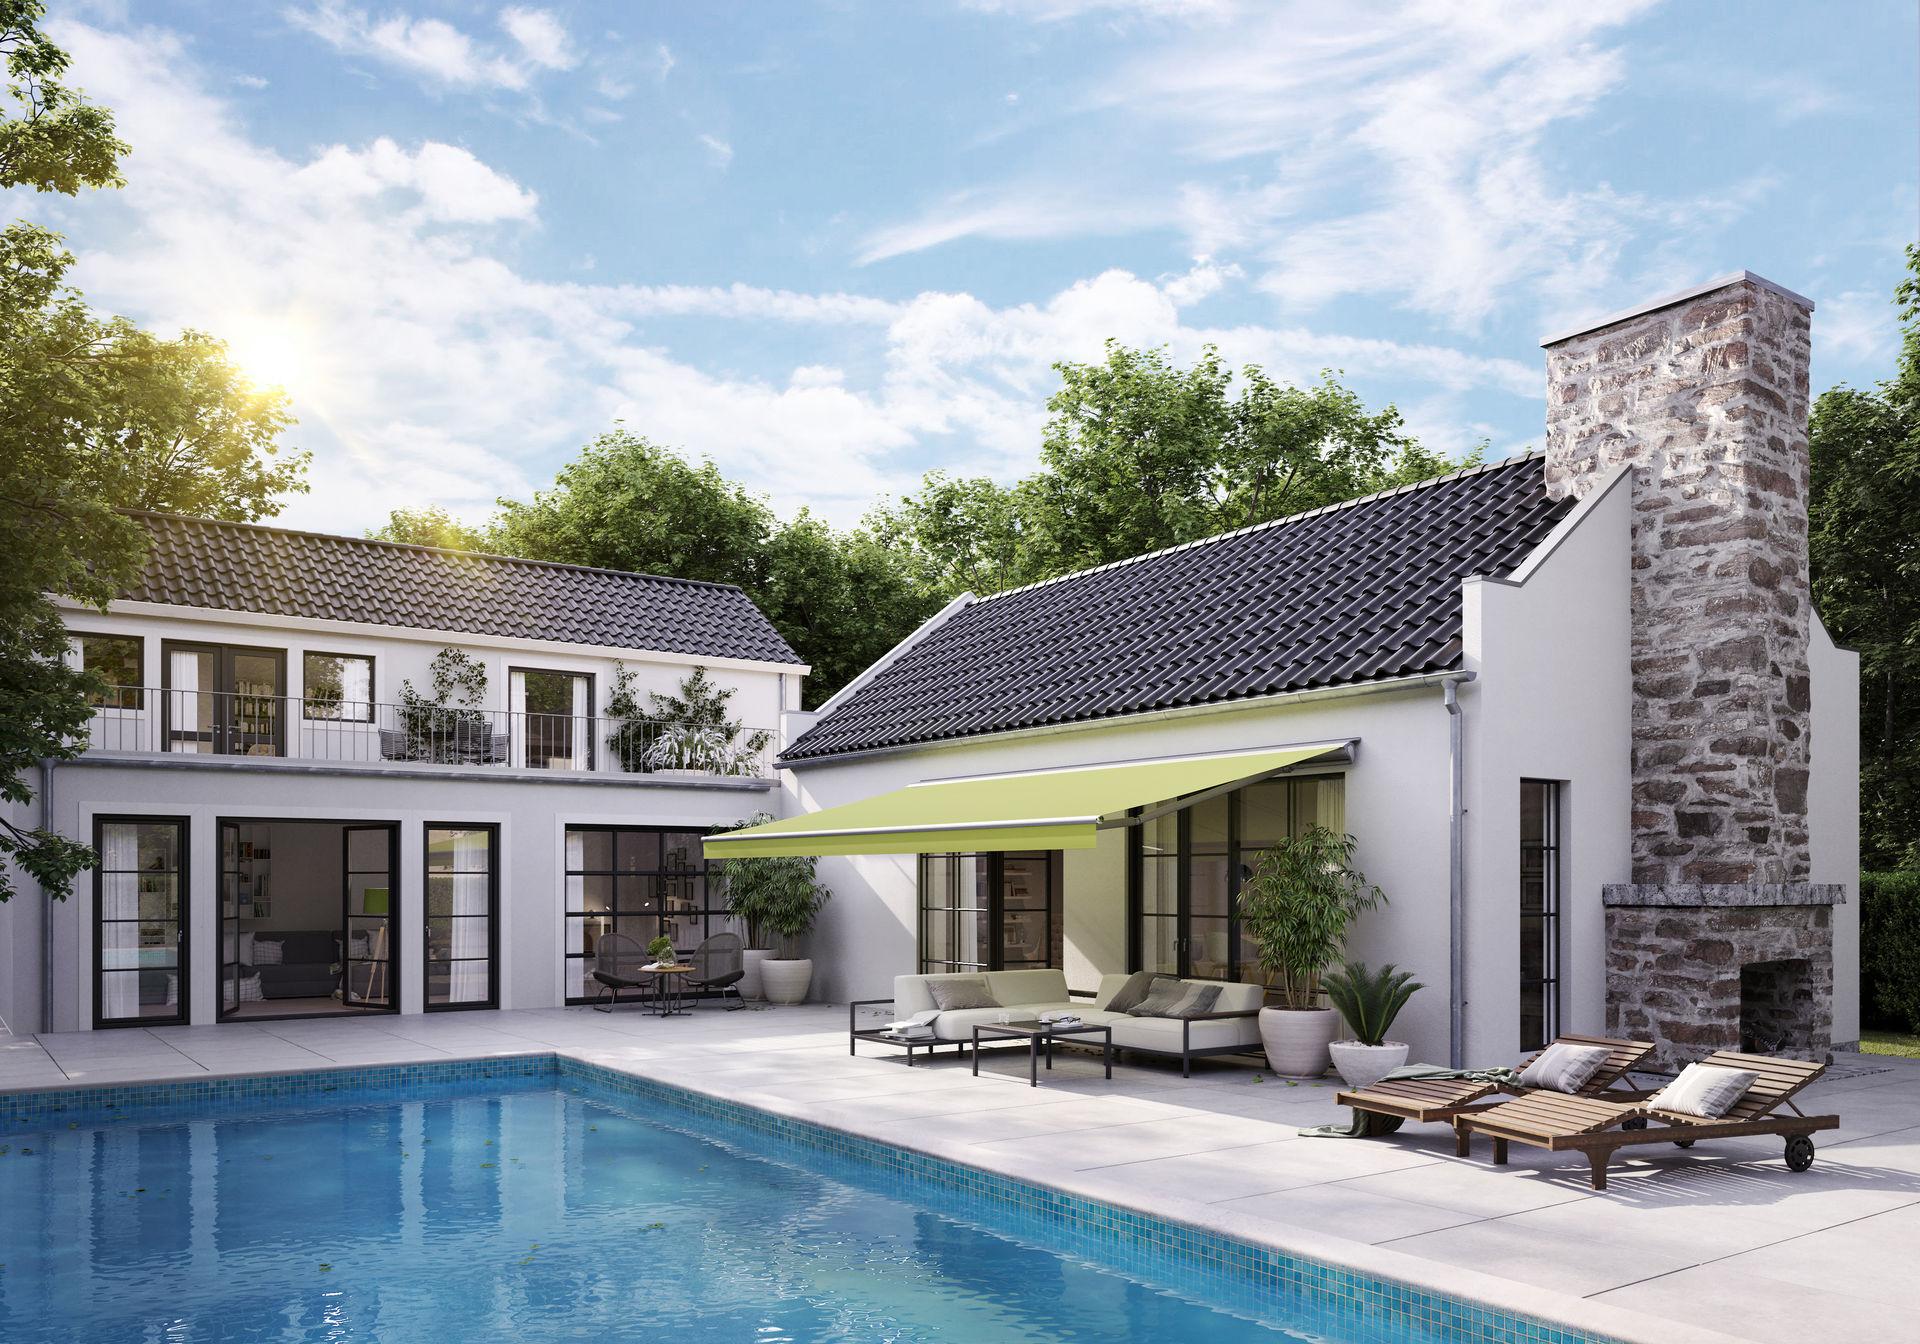 756465_1710 Haus mit Pool Image 202010_large.jpg